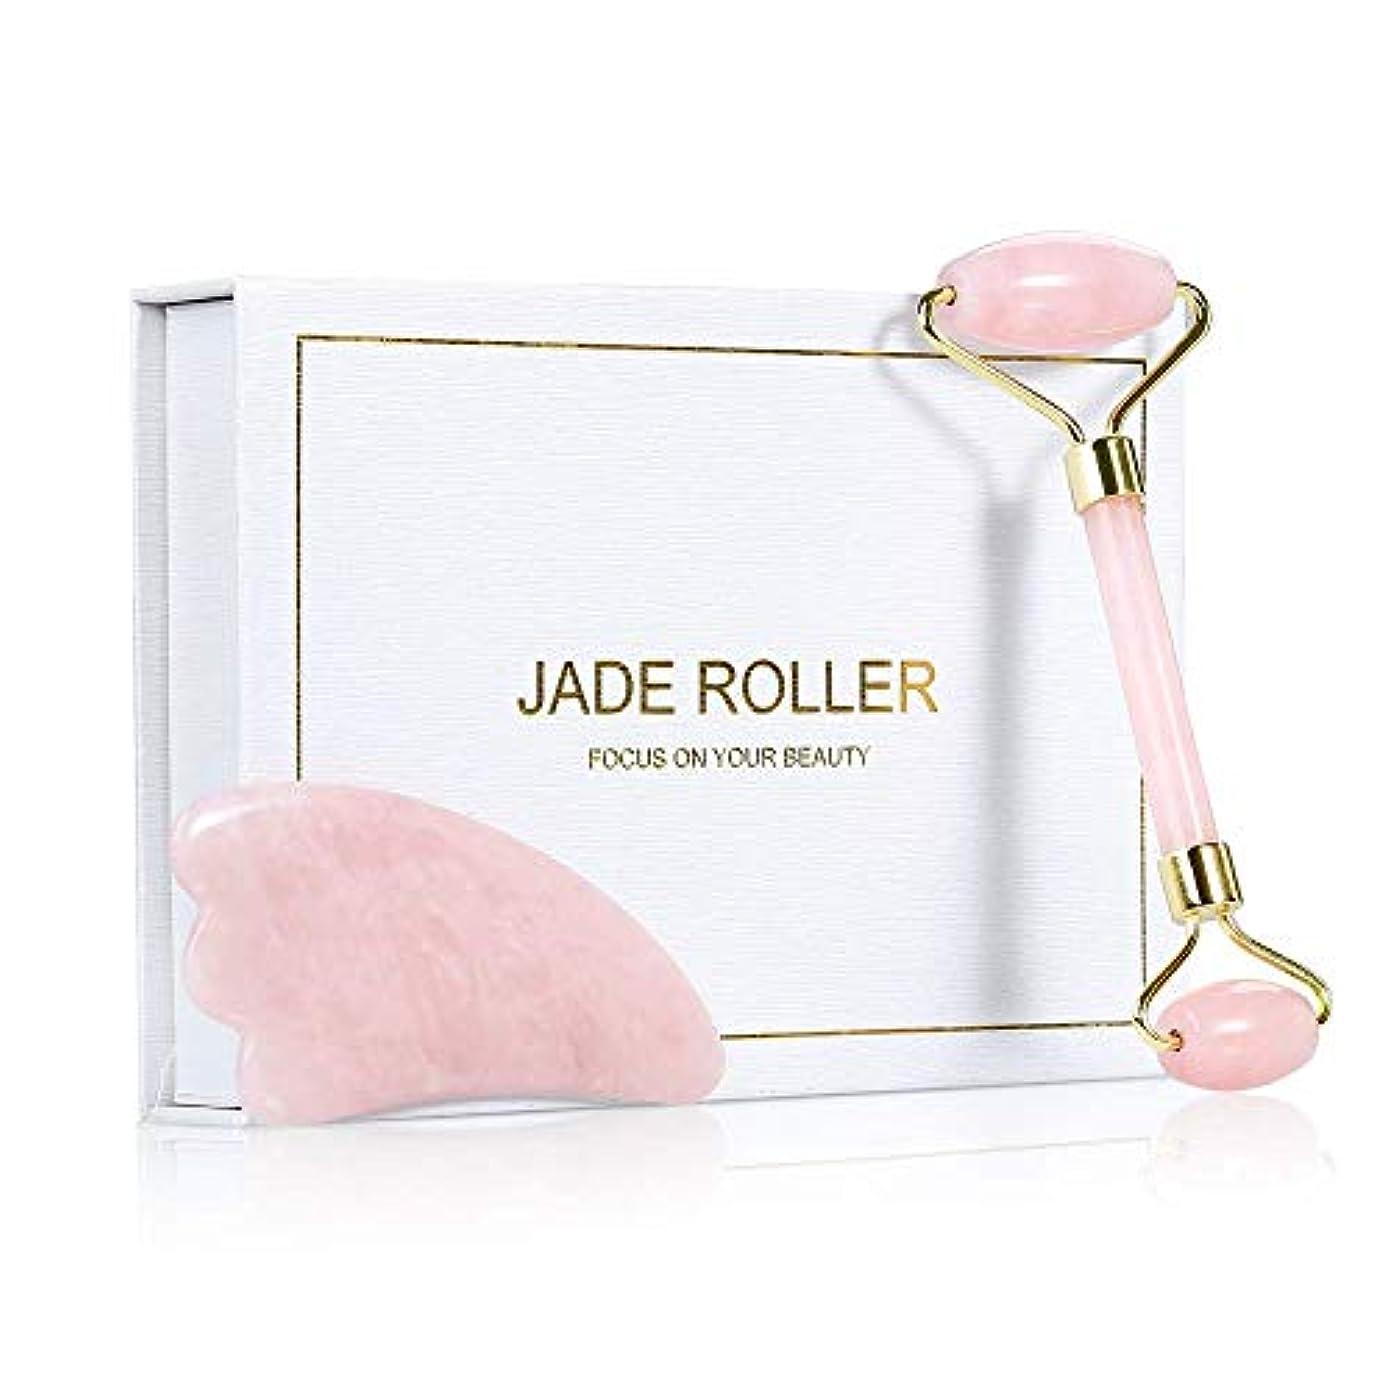 ペパーミントオールレンダーRose Quartz Jade Roller for Face 2 in 1 Gua Sha Tools Including Rose Quartz Roller and Jade Face Massager,100% Real Natural Jade Facial Roller